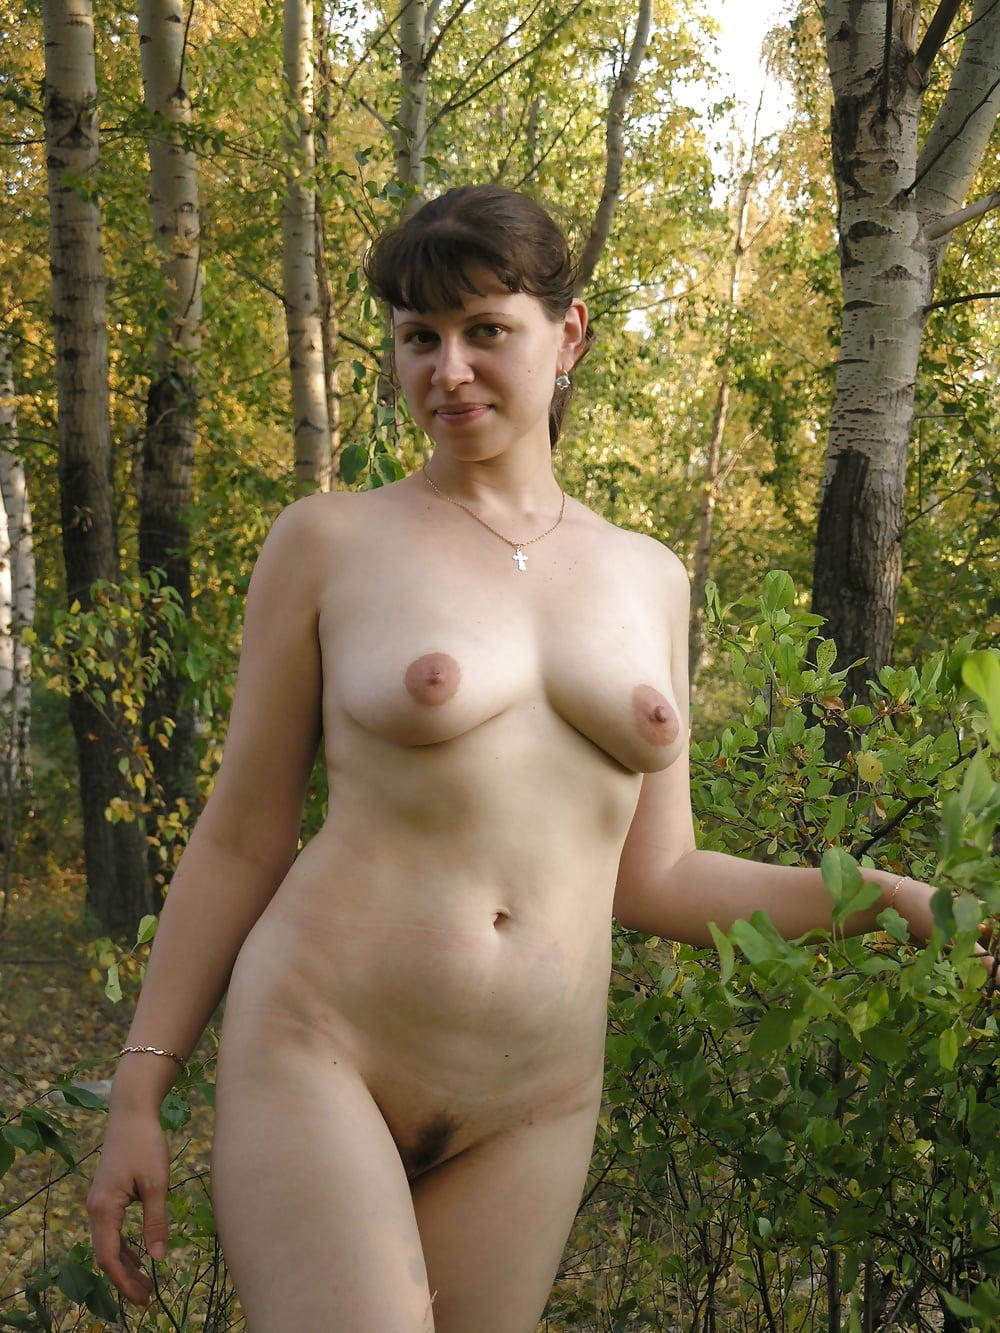 Видео моей обнаженной жены, черные челкой женщине эротический фотографии